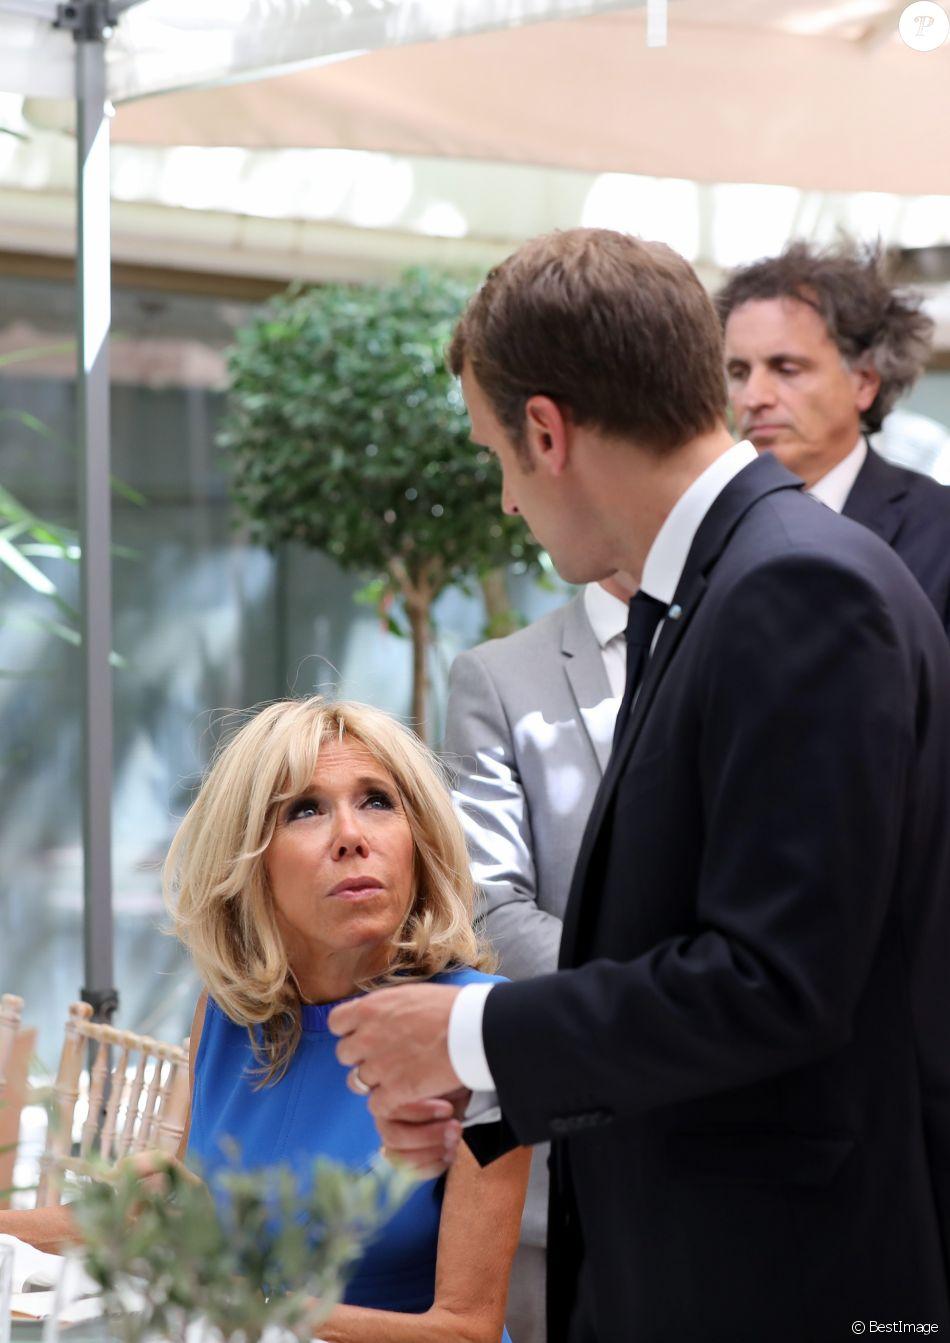 Emmanuel Macron et sa femme Brigitte Macron (Trogneux) - Allocution du président de la République française lors d'une réception offerte par la France en l'honneur de la communauté française. Le 8 septembre 2017 © Dominique Jacovides / Bestimage